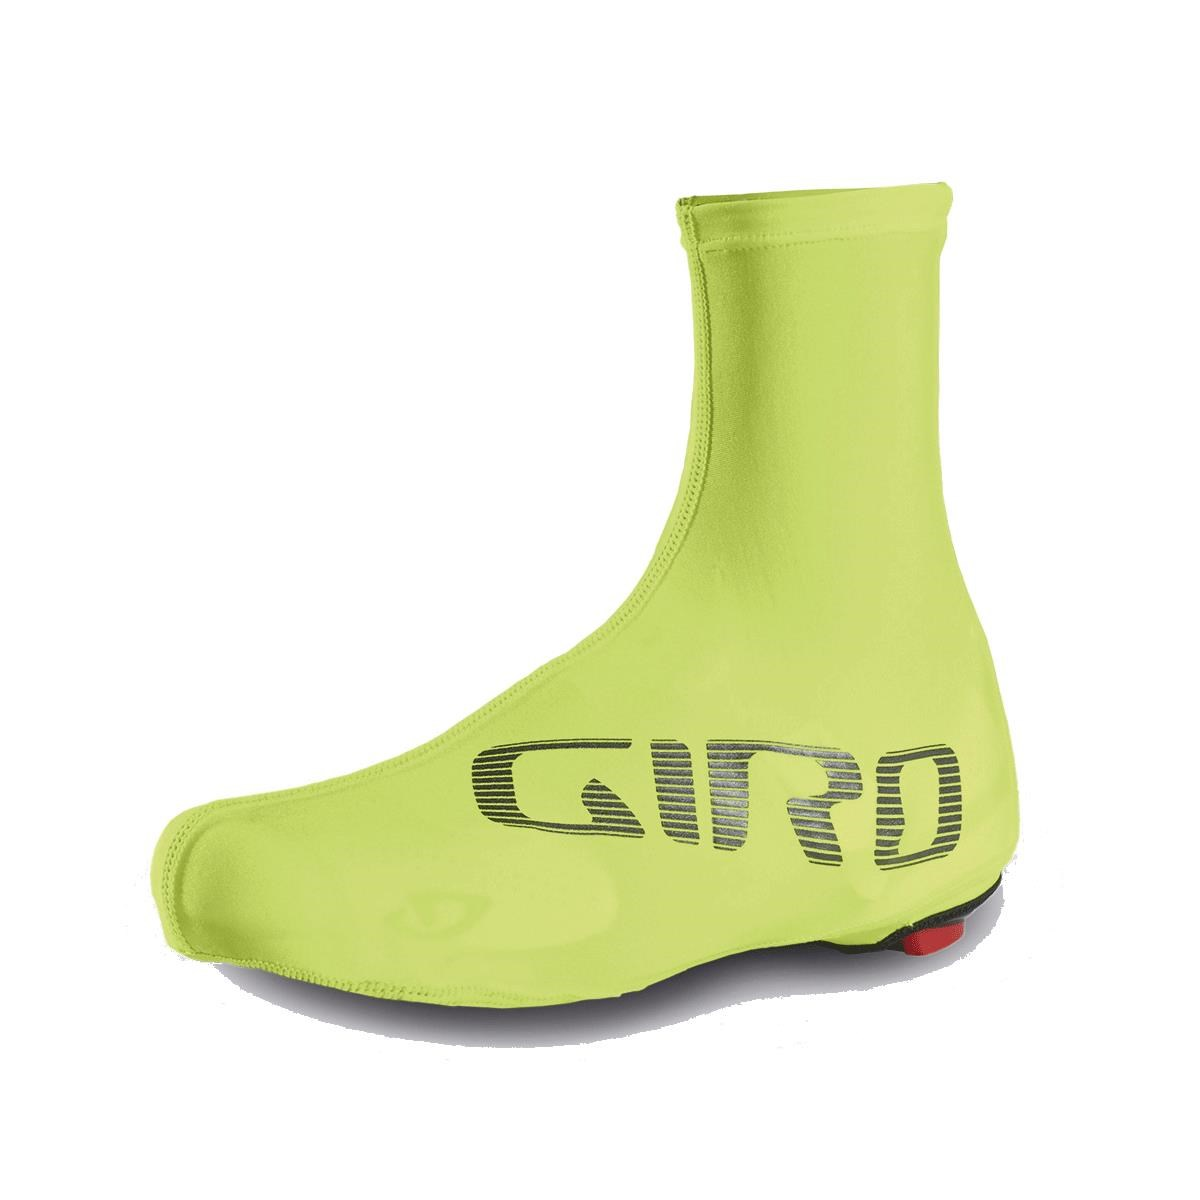 Ultralight Aero No-Zip Shoe Covers